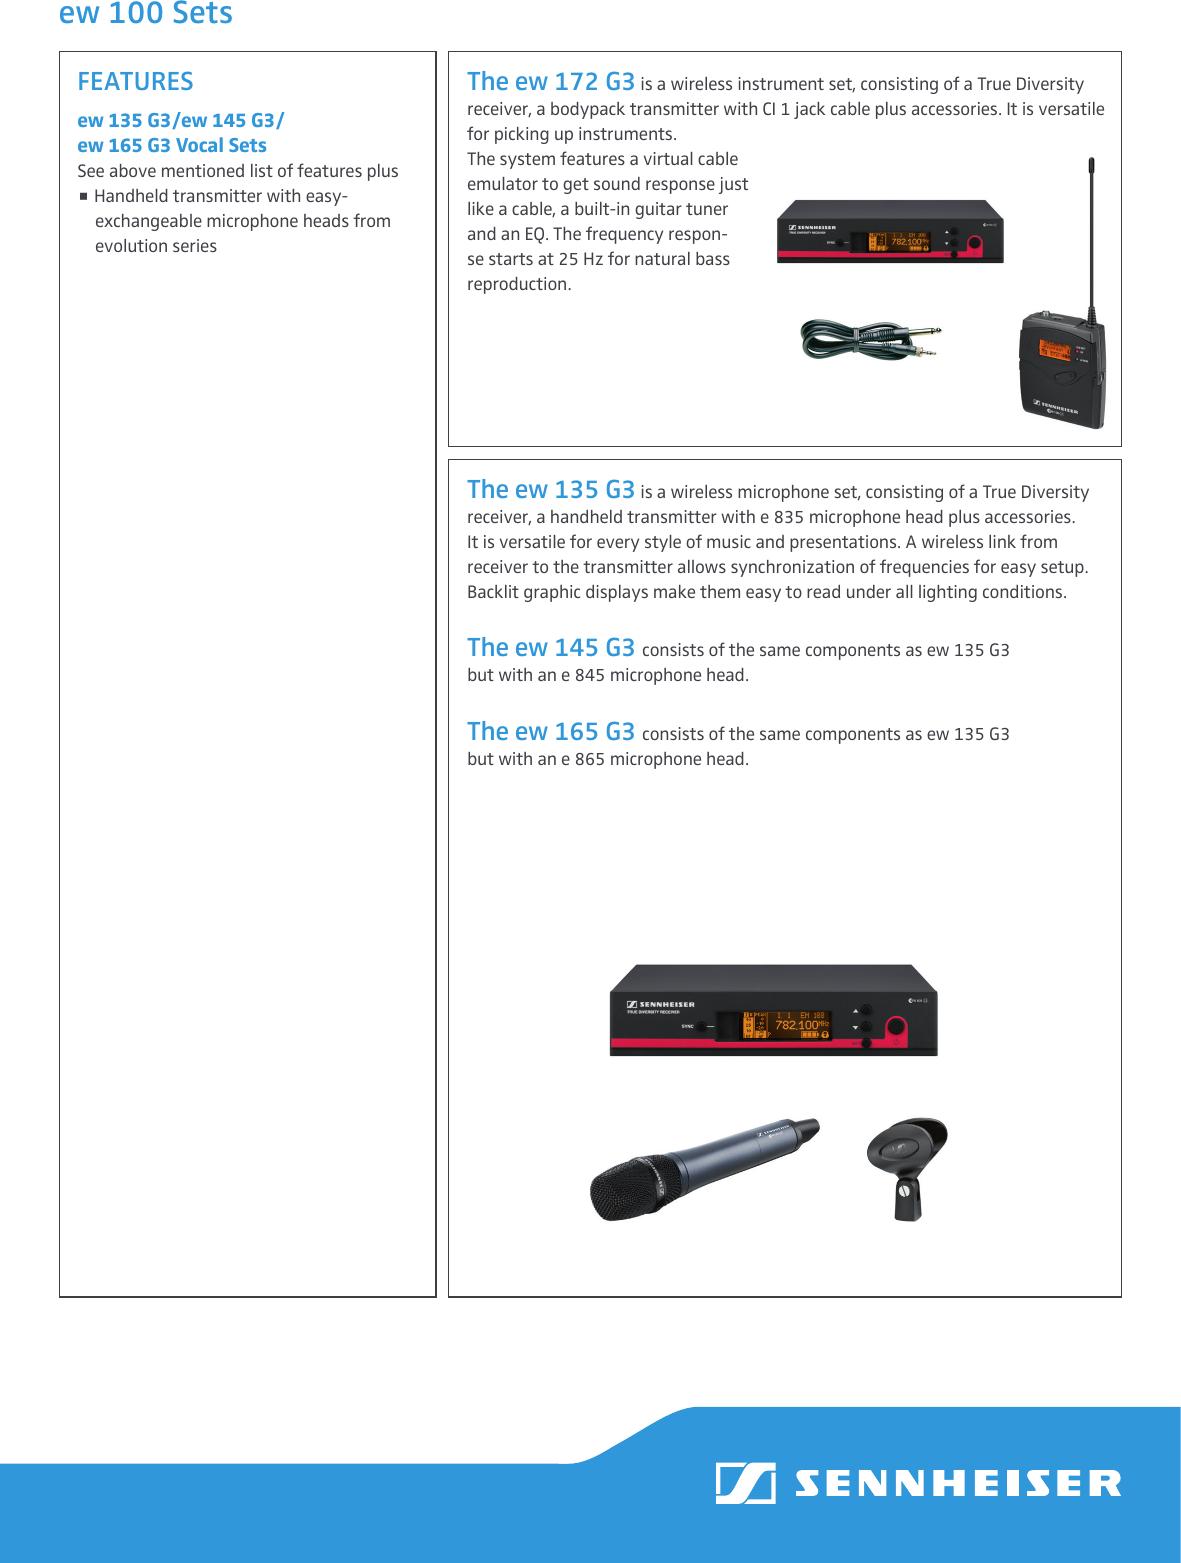 Sennheiser Ew 112 G3 User Manual To The 9c9346db df23 4d1a